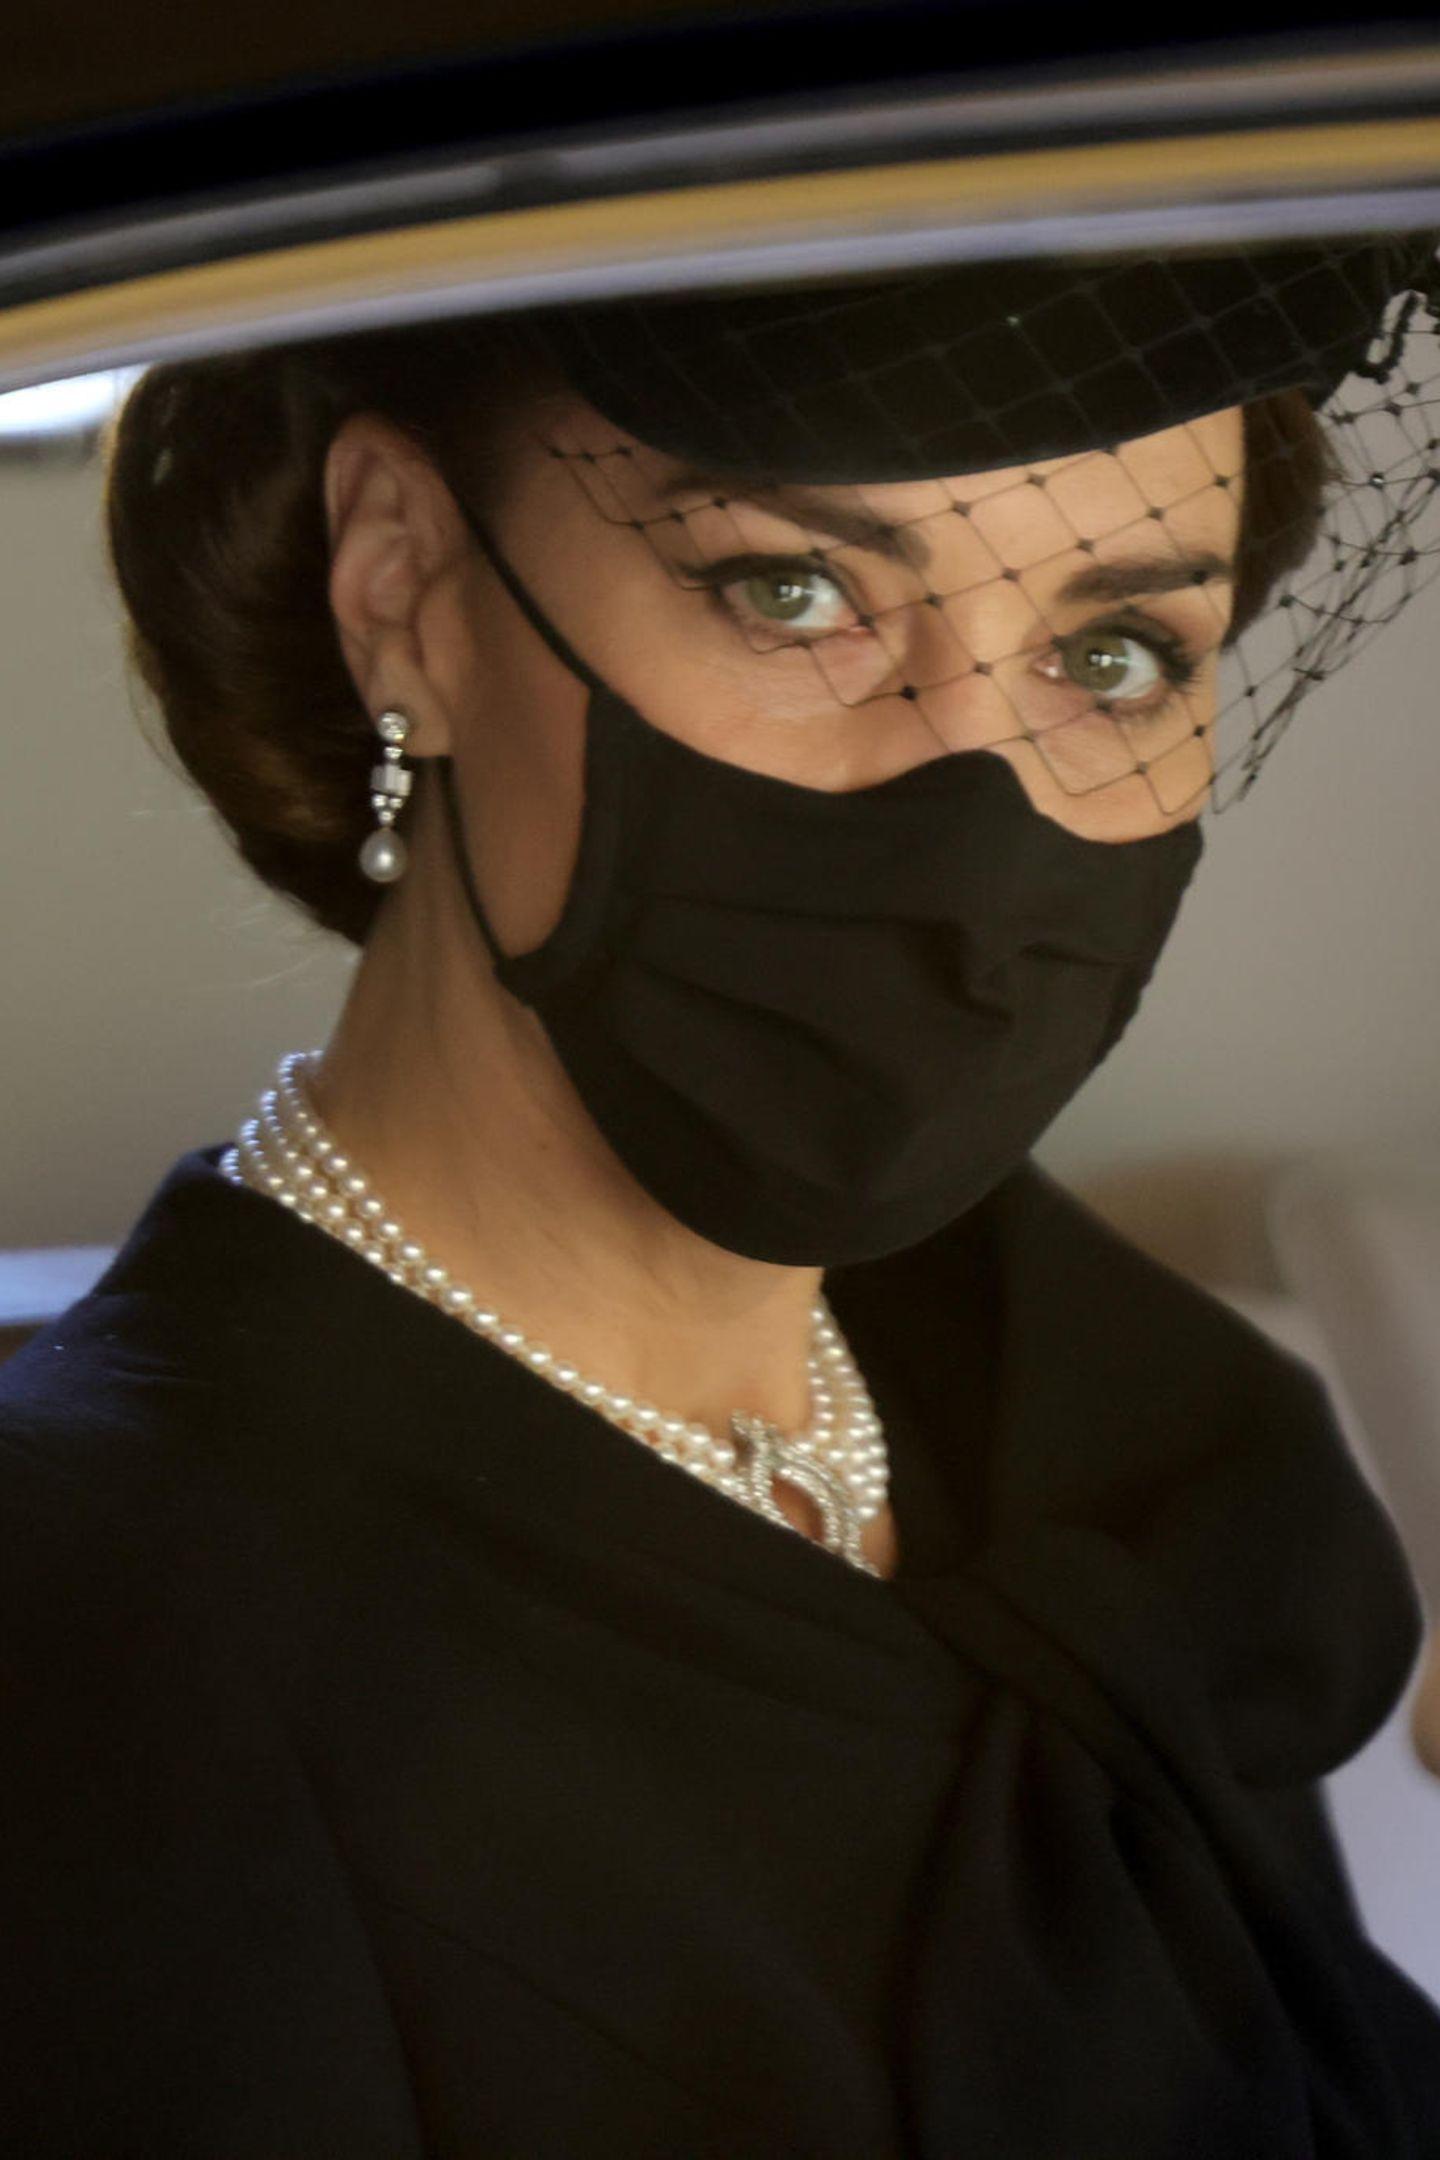 """Herzogin Catherine trägt hängende Ohrringe mit Baguette-Steinen und Perlen. Die sogenannten """"Bahrain Pearl Drop""""-Ohrringe waren ein Geschenk an Queen Elizabeth zur Hochzeit mit Prinz Philip im Jahr 1947. Kate trug sie schon in der Vergangenheit oft, auch Sophie von Wessex hat die besonderen Schmuckstücke schon getragen. Für den Tag, an dem sich die Queen von ihrem geliebten Ehemann verabschieden muss, die perfekte Wahl."""